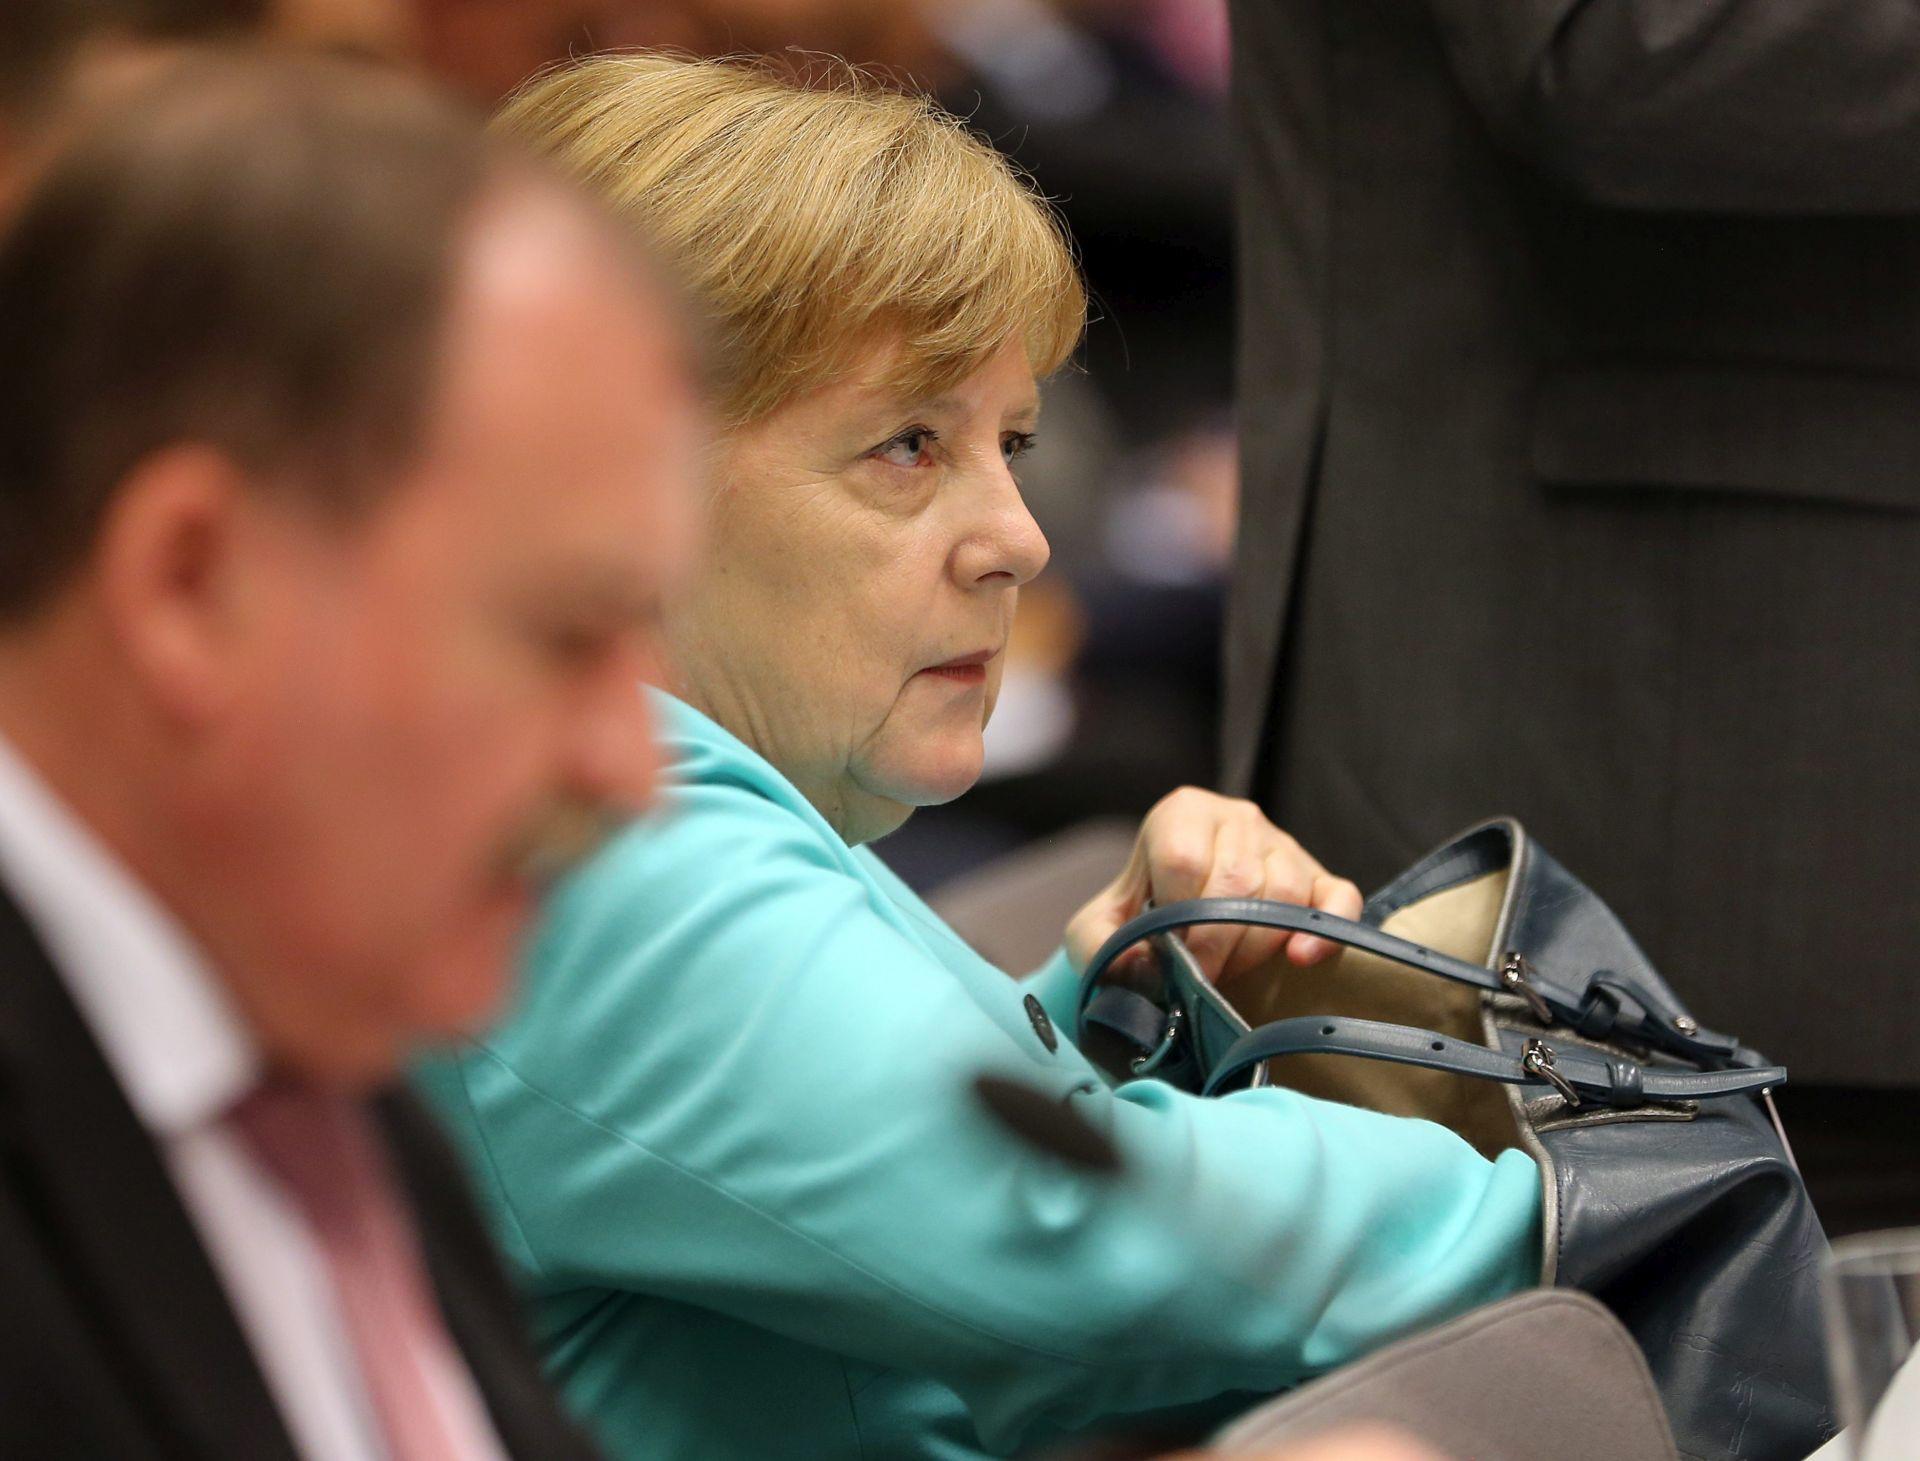 SAVEZNIK ANGELE MERKEL: 'Neovisna Škotska dobrodošla u EU'